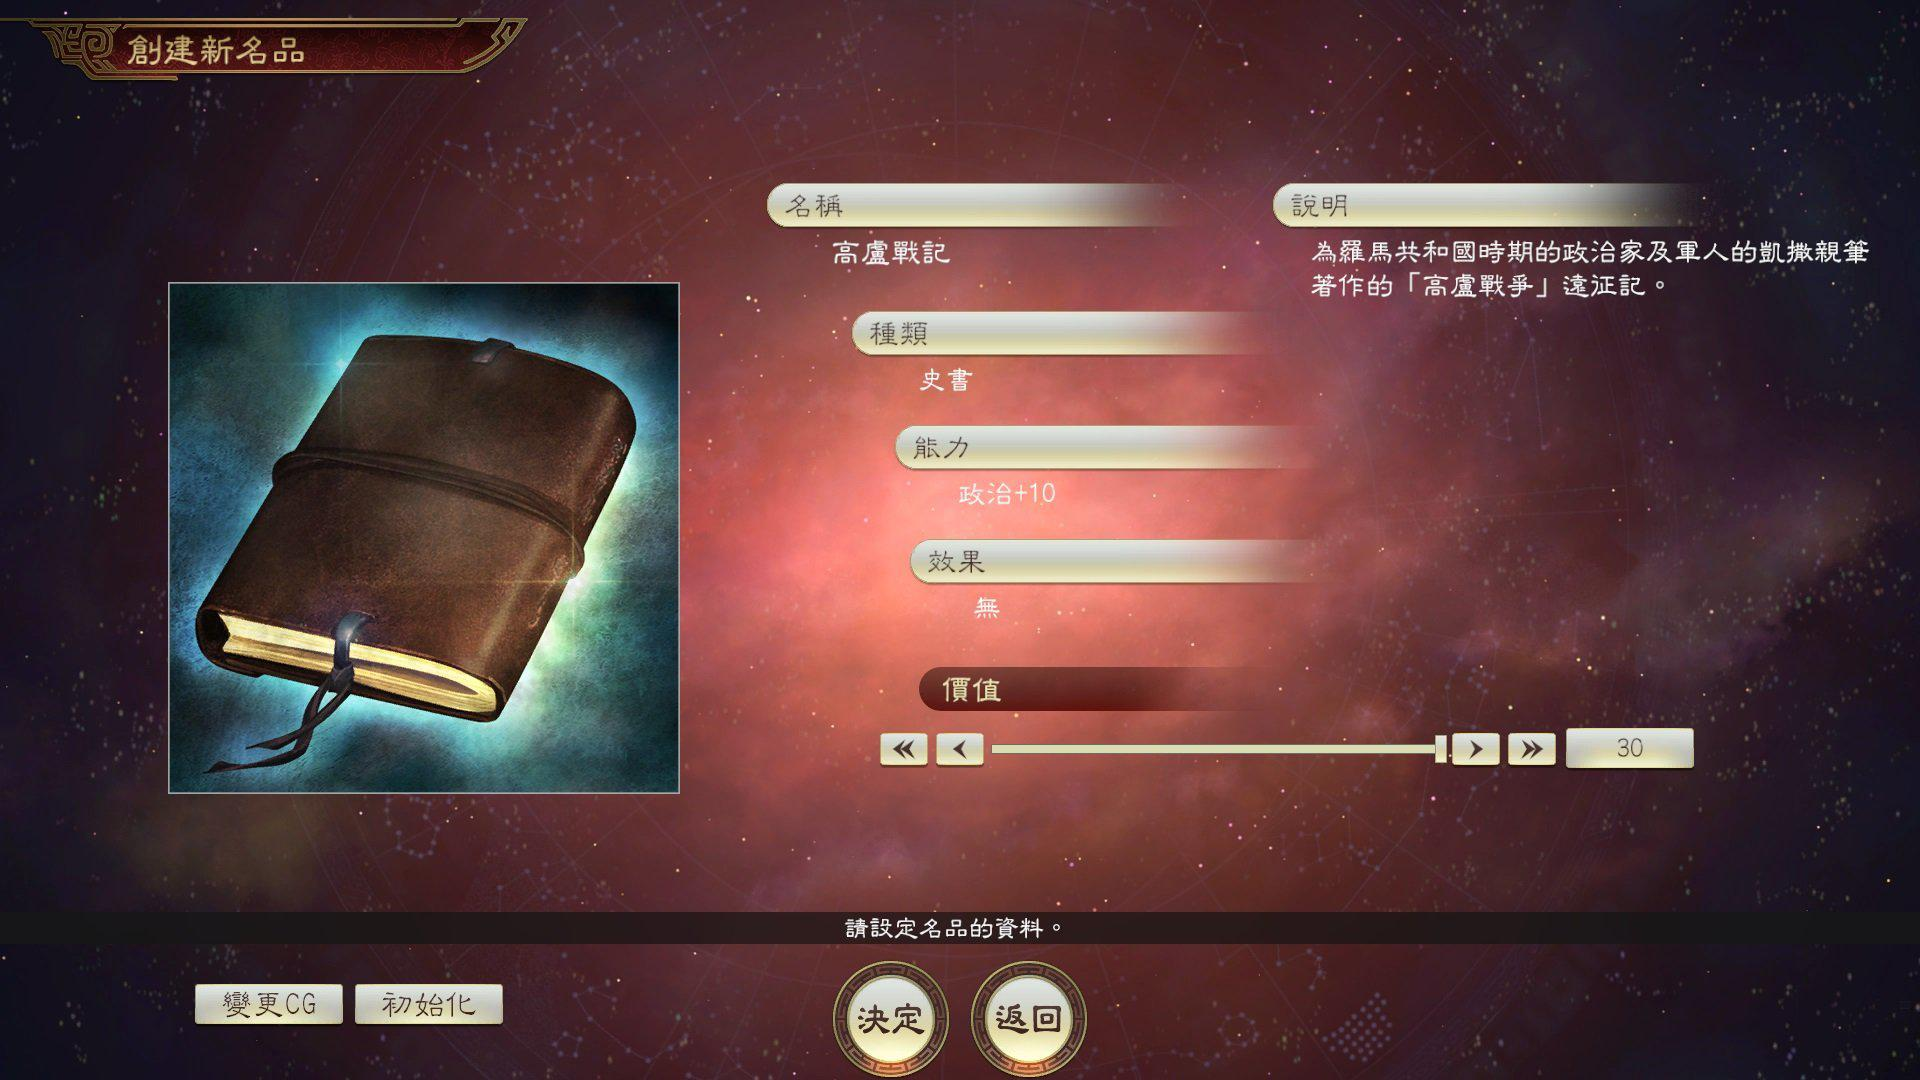 《三國志14威力加強》1.28免費更新與付費DLC詳情公開